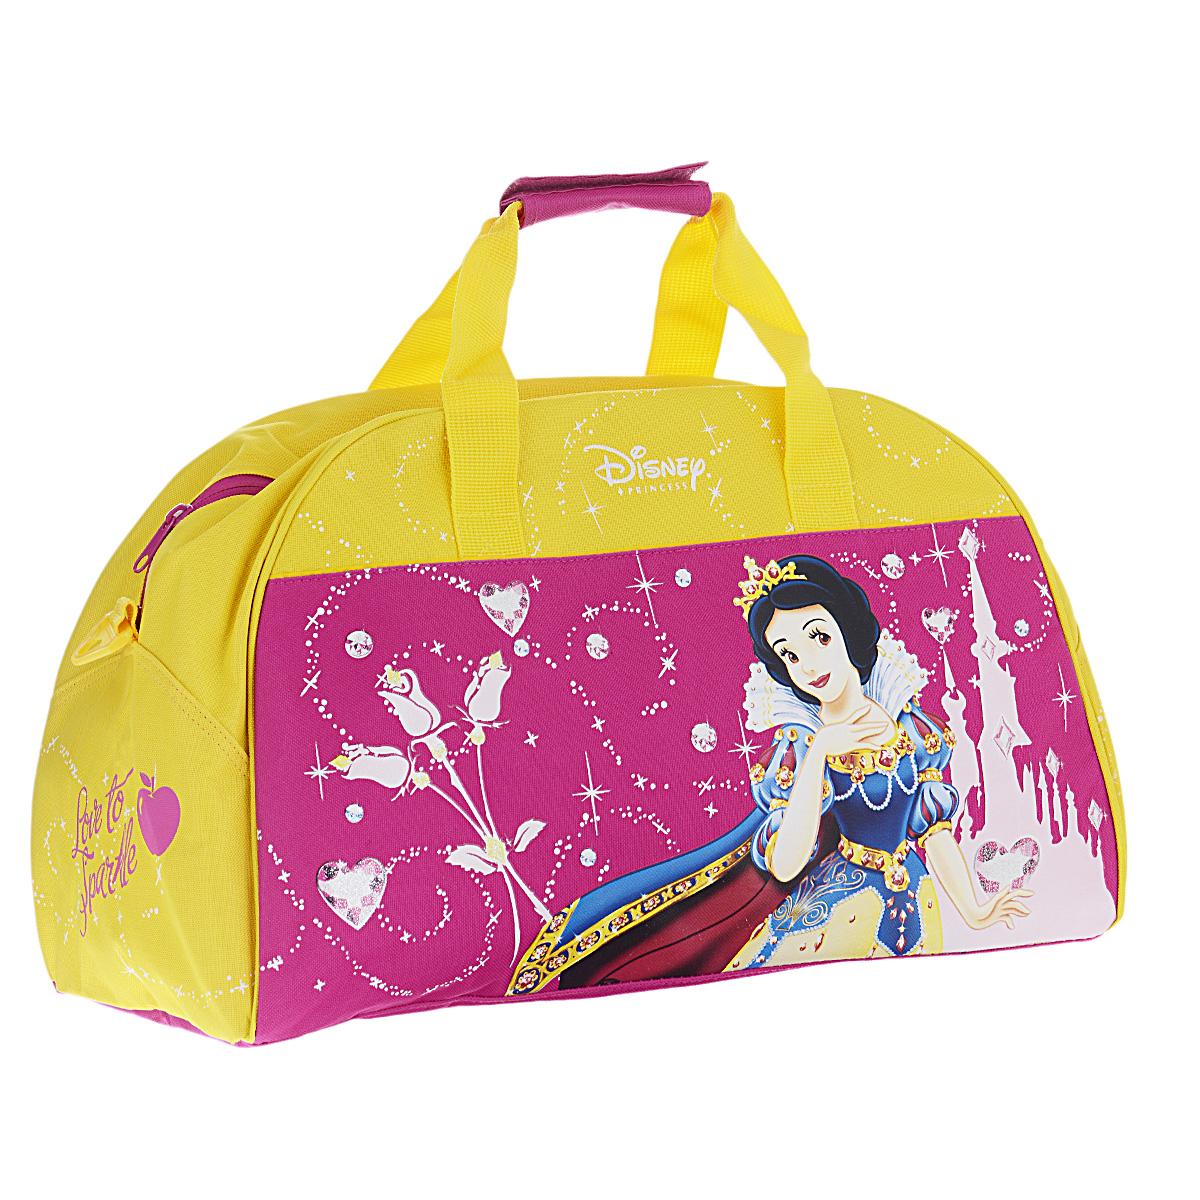 Disney Princess Сумка спортивная детская цвет розовый желтыйGB4101-151Детская спортивная сумка Princess придется по вкусу любой активной девочке, посещающей спортзал или спортивные секции.Сумка изготовлена из высококачественного износостойкого полиэстера и оформлена оригинальным цветочным принтом и изображением Белоснежки в роскошном наряде принцессы. Сумка состоит из одного вместительного отделения, закрывается на застежку-молнию. Внутри располагается небольшой накладной карман на застежке-молнии. Сумка имеет съемное твердое дно, которое при необходимости можно извлечь.Сумка имеет удобные ручки для переноски, скрепляющиеся хлястиком на липучке, а также съемный плечевой ремень, регулирующийся по длине. Дно сумки оснащено пластиковыми ножками, обеспечивающими необходимую устойчивость.Спортивная сумка - незаменимый аксессуар для юной спортсменки, который сочетает в себе практичность и модный дизайн. Красочная сумка сделает посещение спортивных секций не только приятным, но и модным занятием.